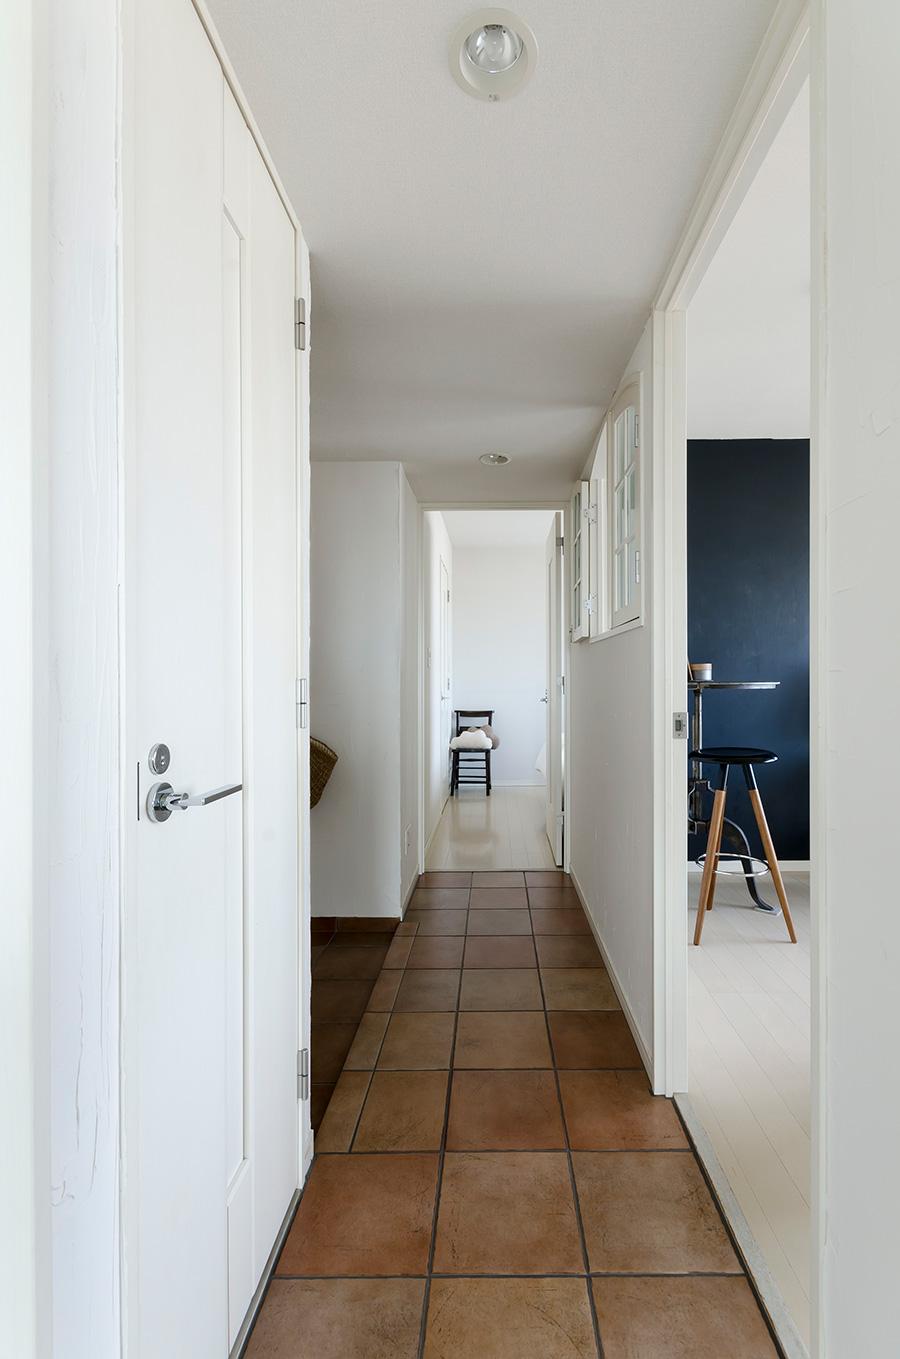 テラコッタが温かみを出す。壁はクロスの上から漆喰を塗装。